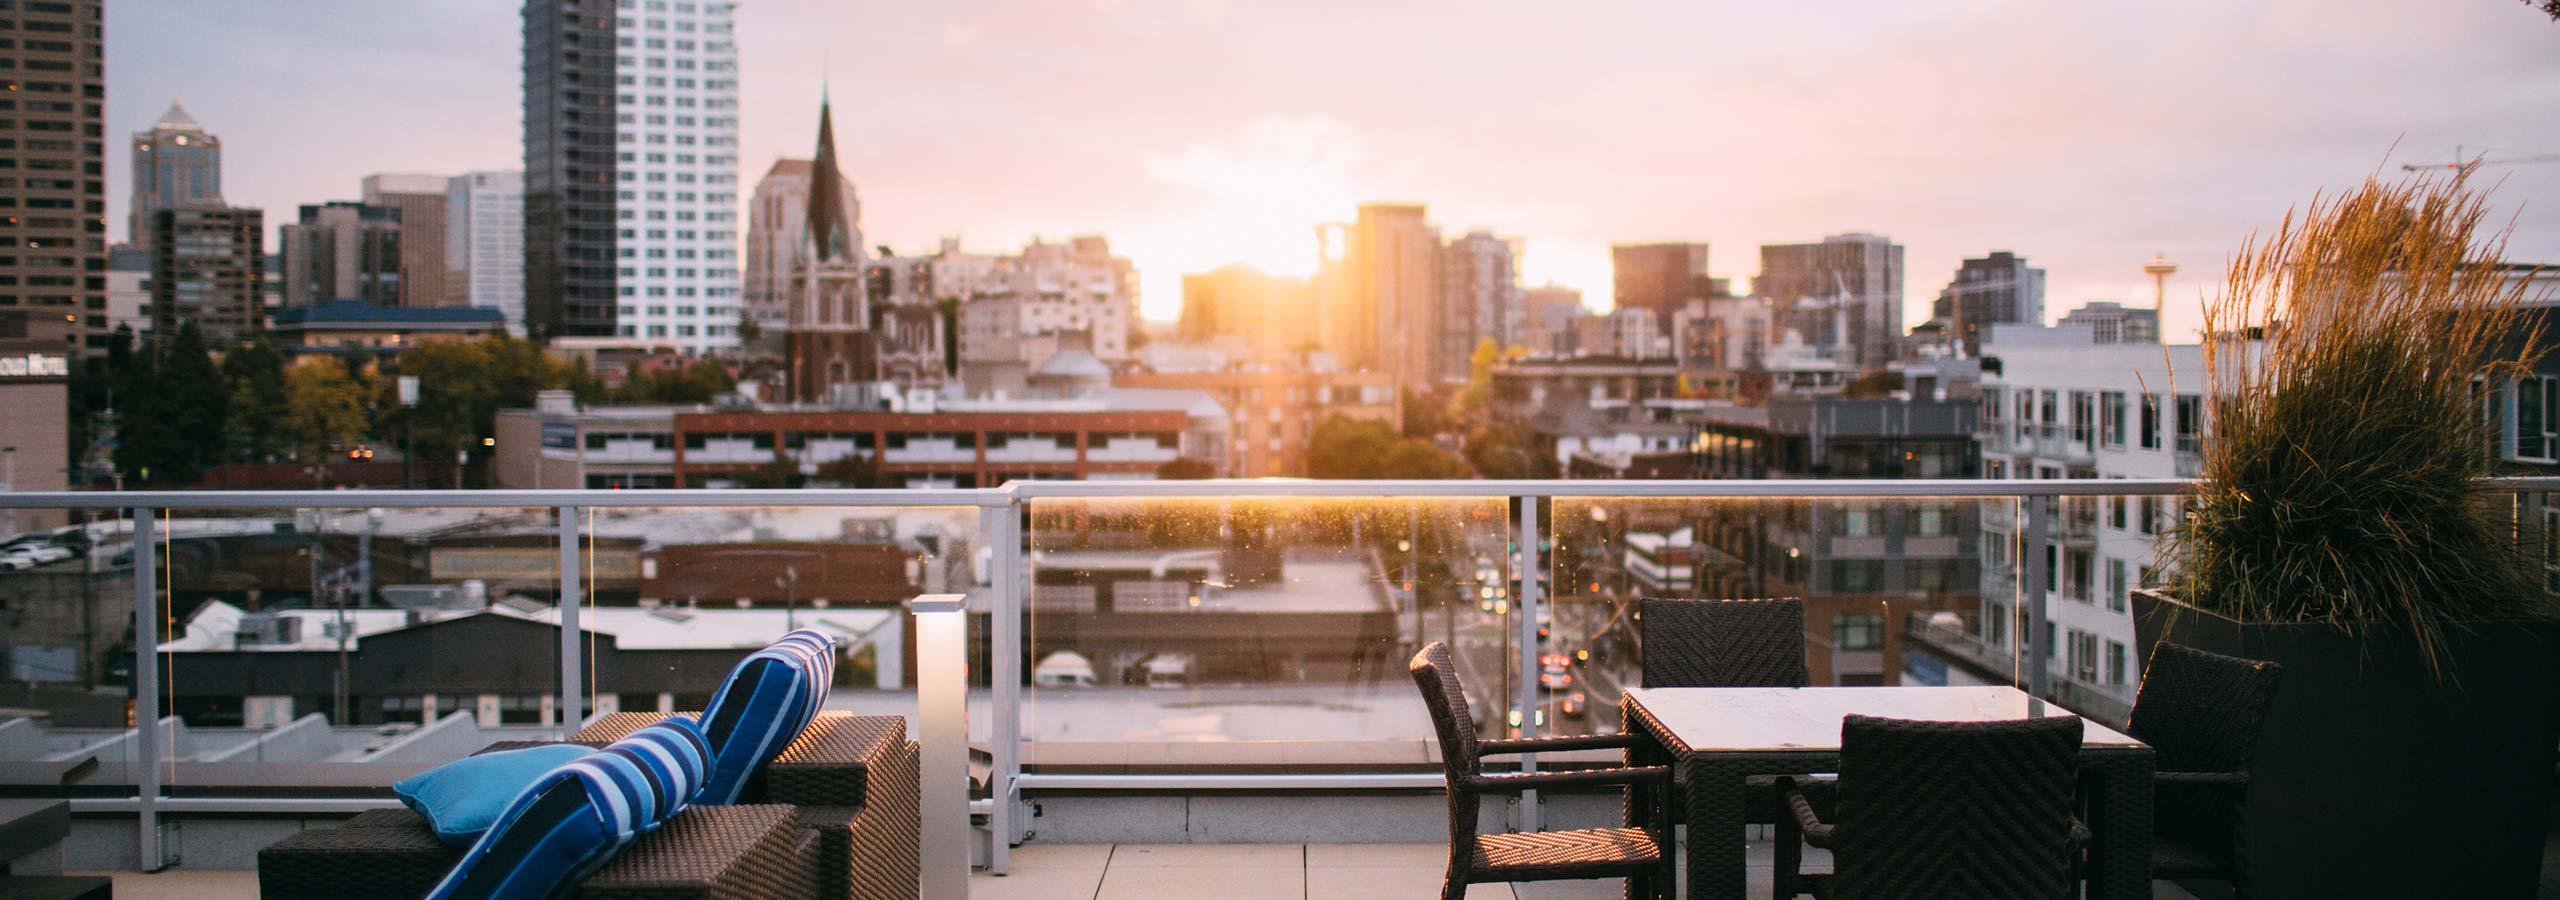 Foto: Rooftop © Garrett Parker / Unsplash - https://unsplash.com/photos/xQWLtlQb7L0